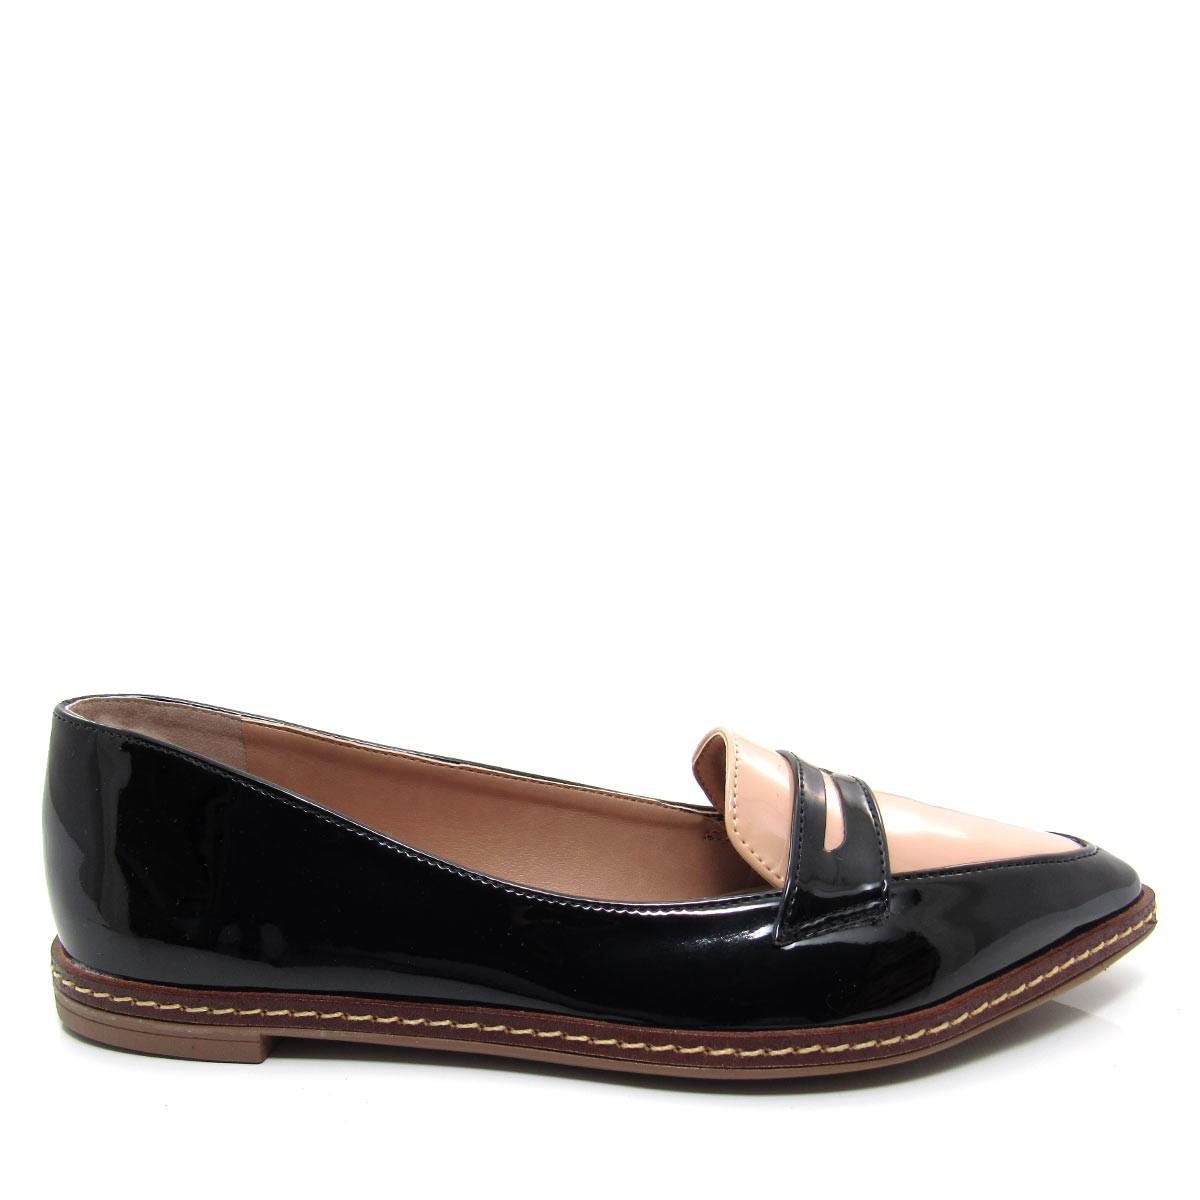 1b31746771 Sapato feminino Mocassim Bico Fino Mariotta 16190-71 Coleção 2018